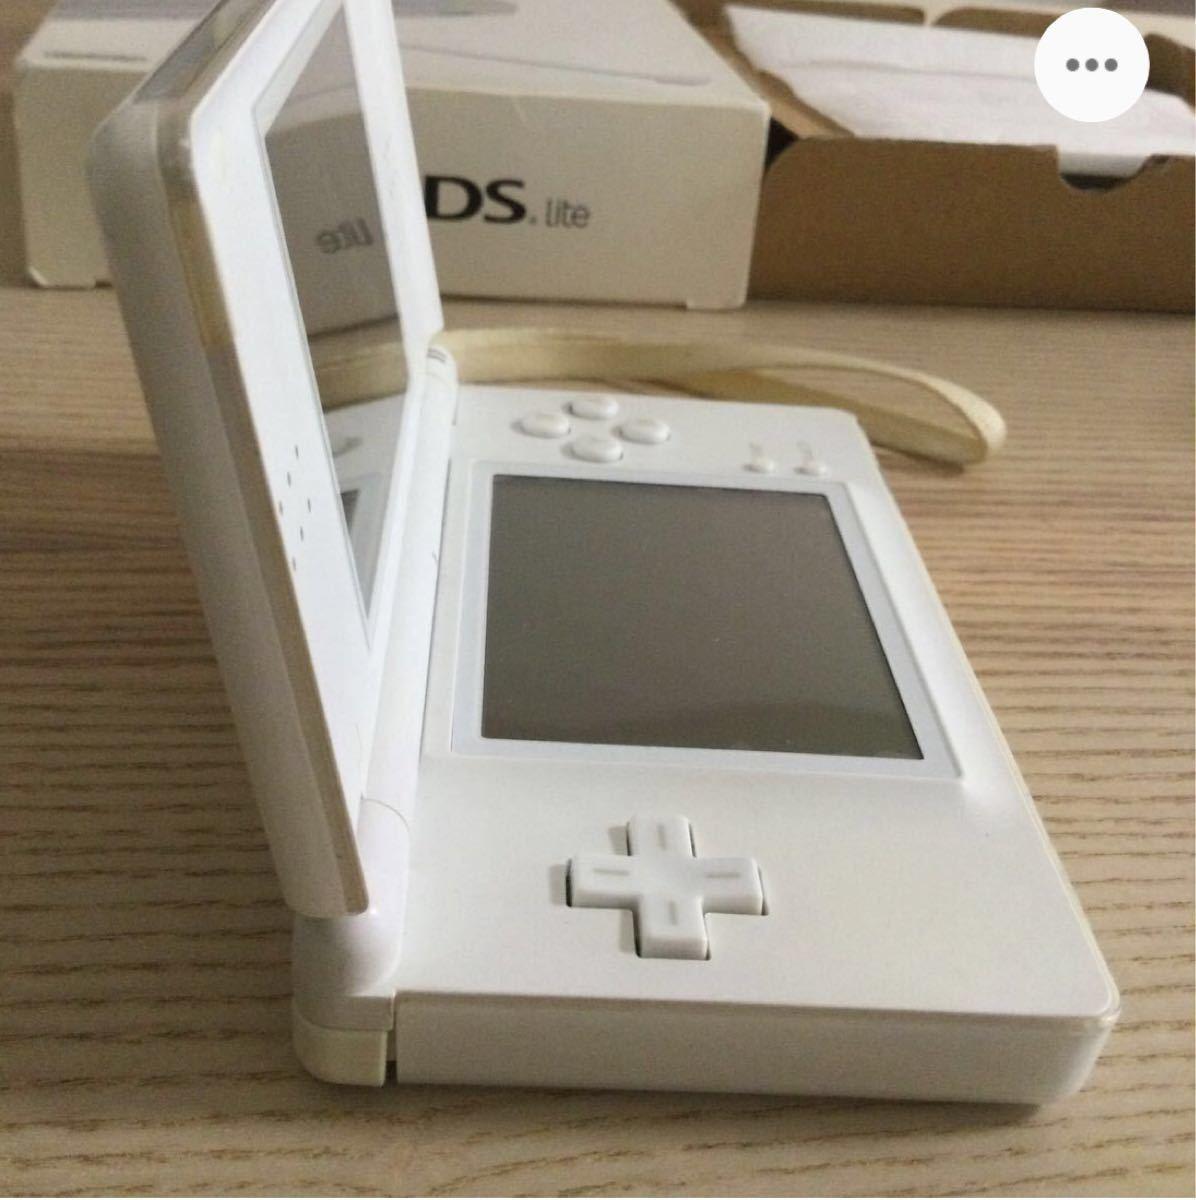 【液晶パネルジャンク品】ニンテンドーDS Lite  充電器 箱 説明書有り Nintendo  任天堂DS  DSライト セット